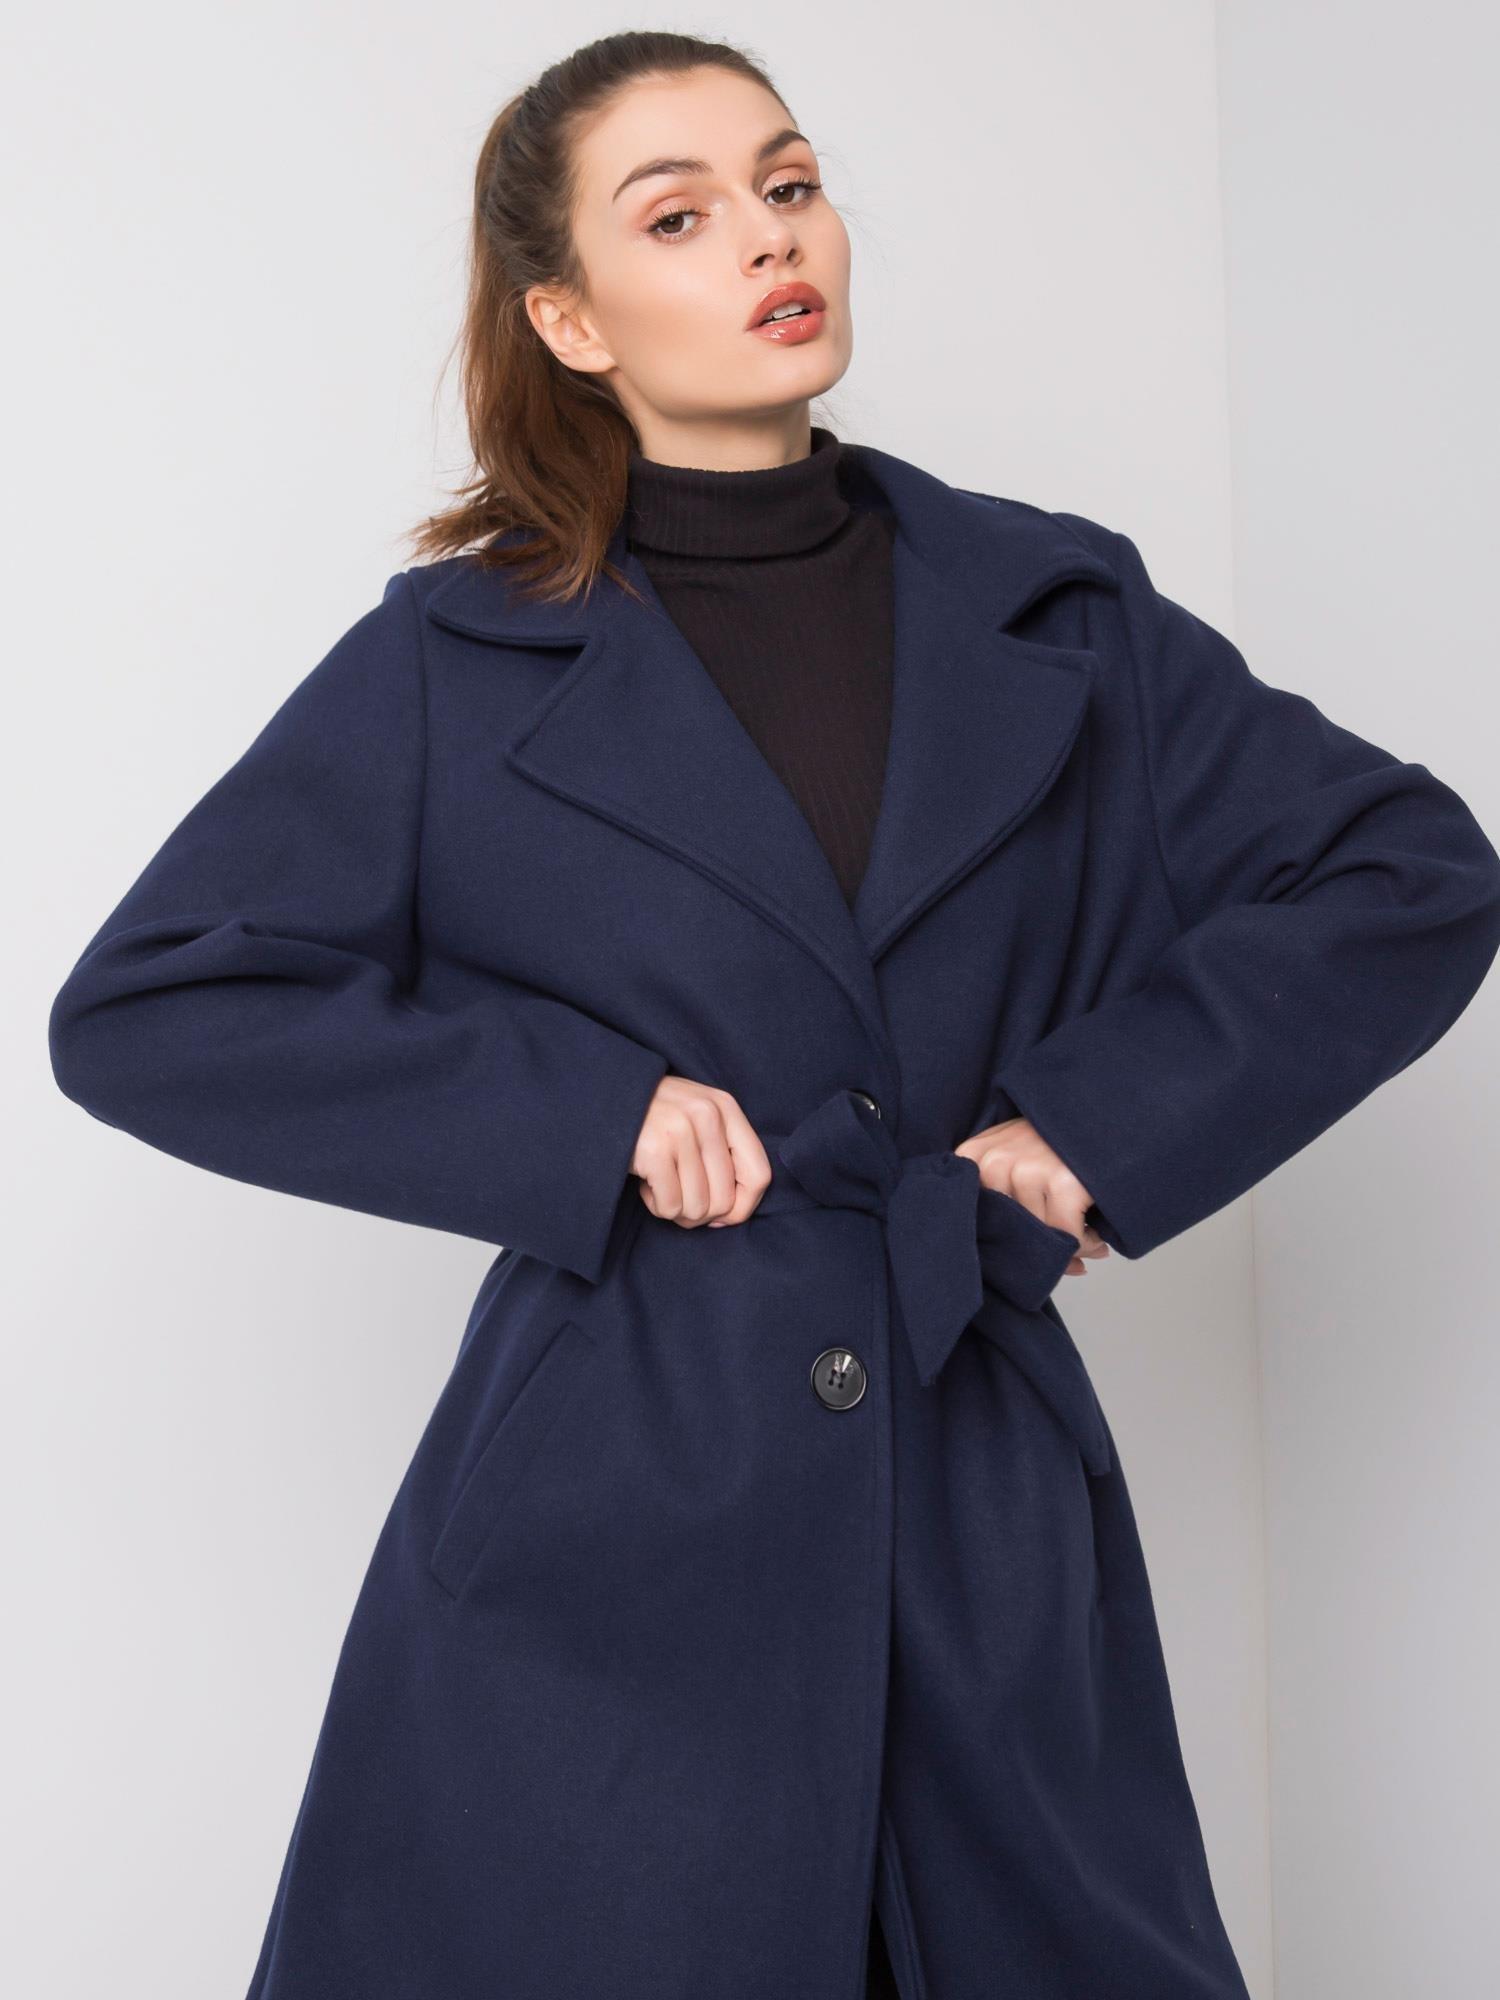 Námornícky modrý dlhý kabát s opaskom - UNI